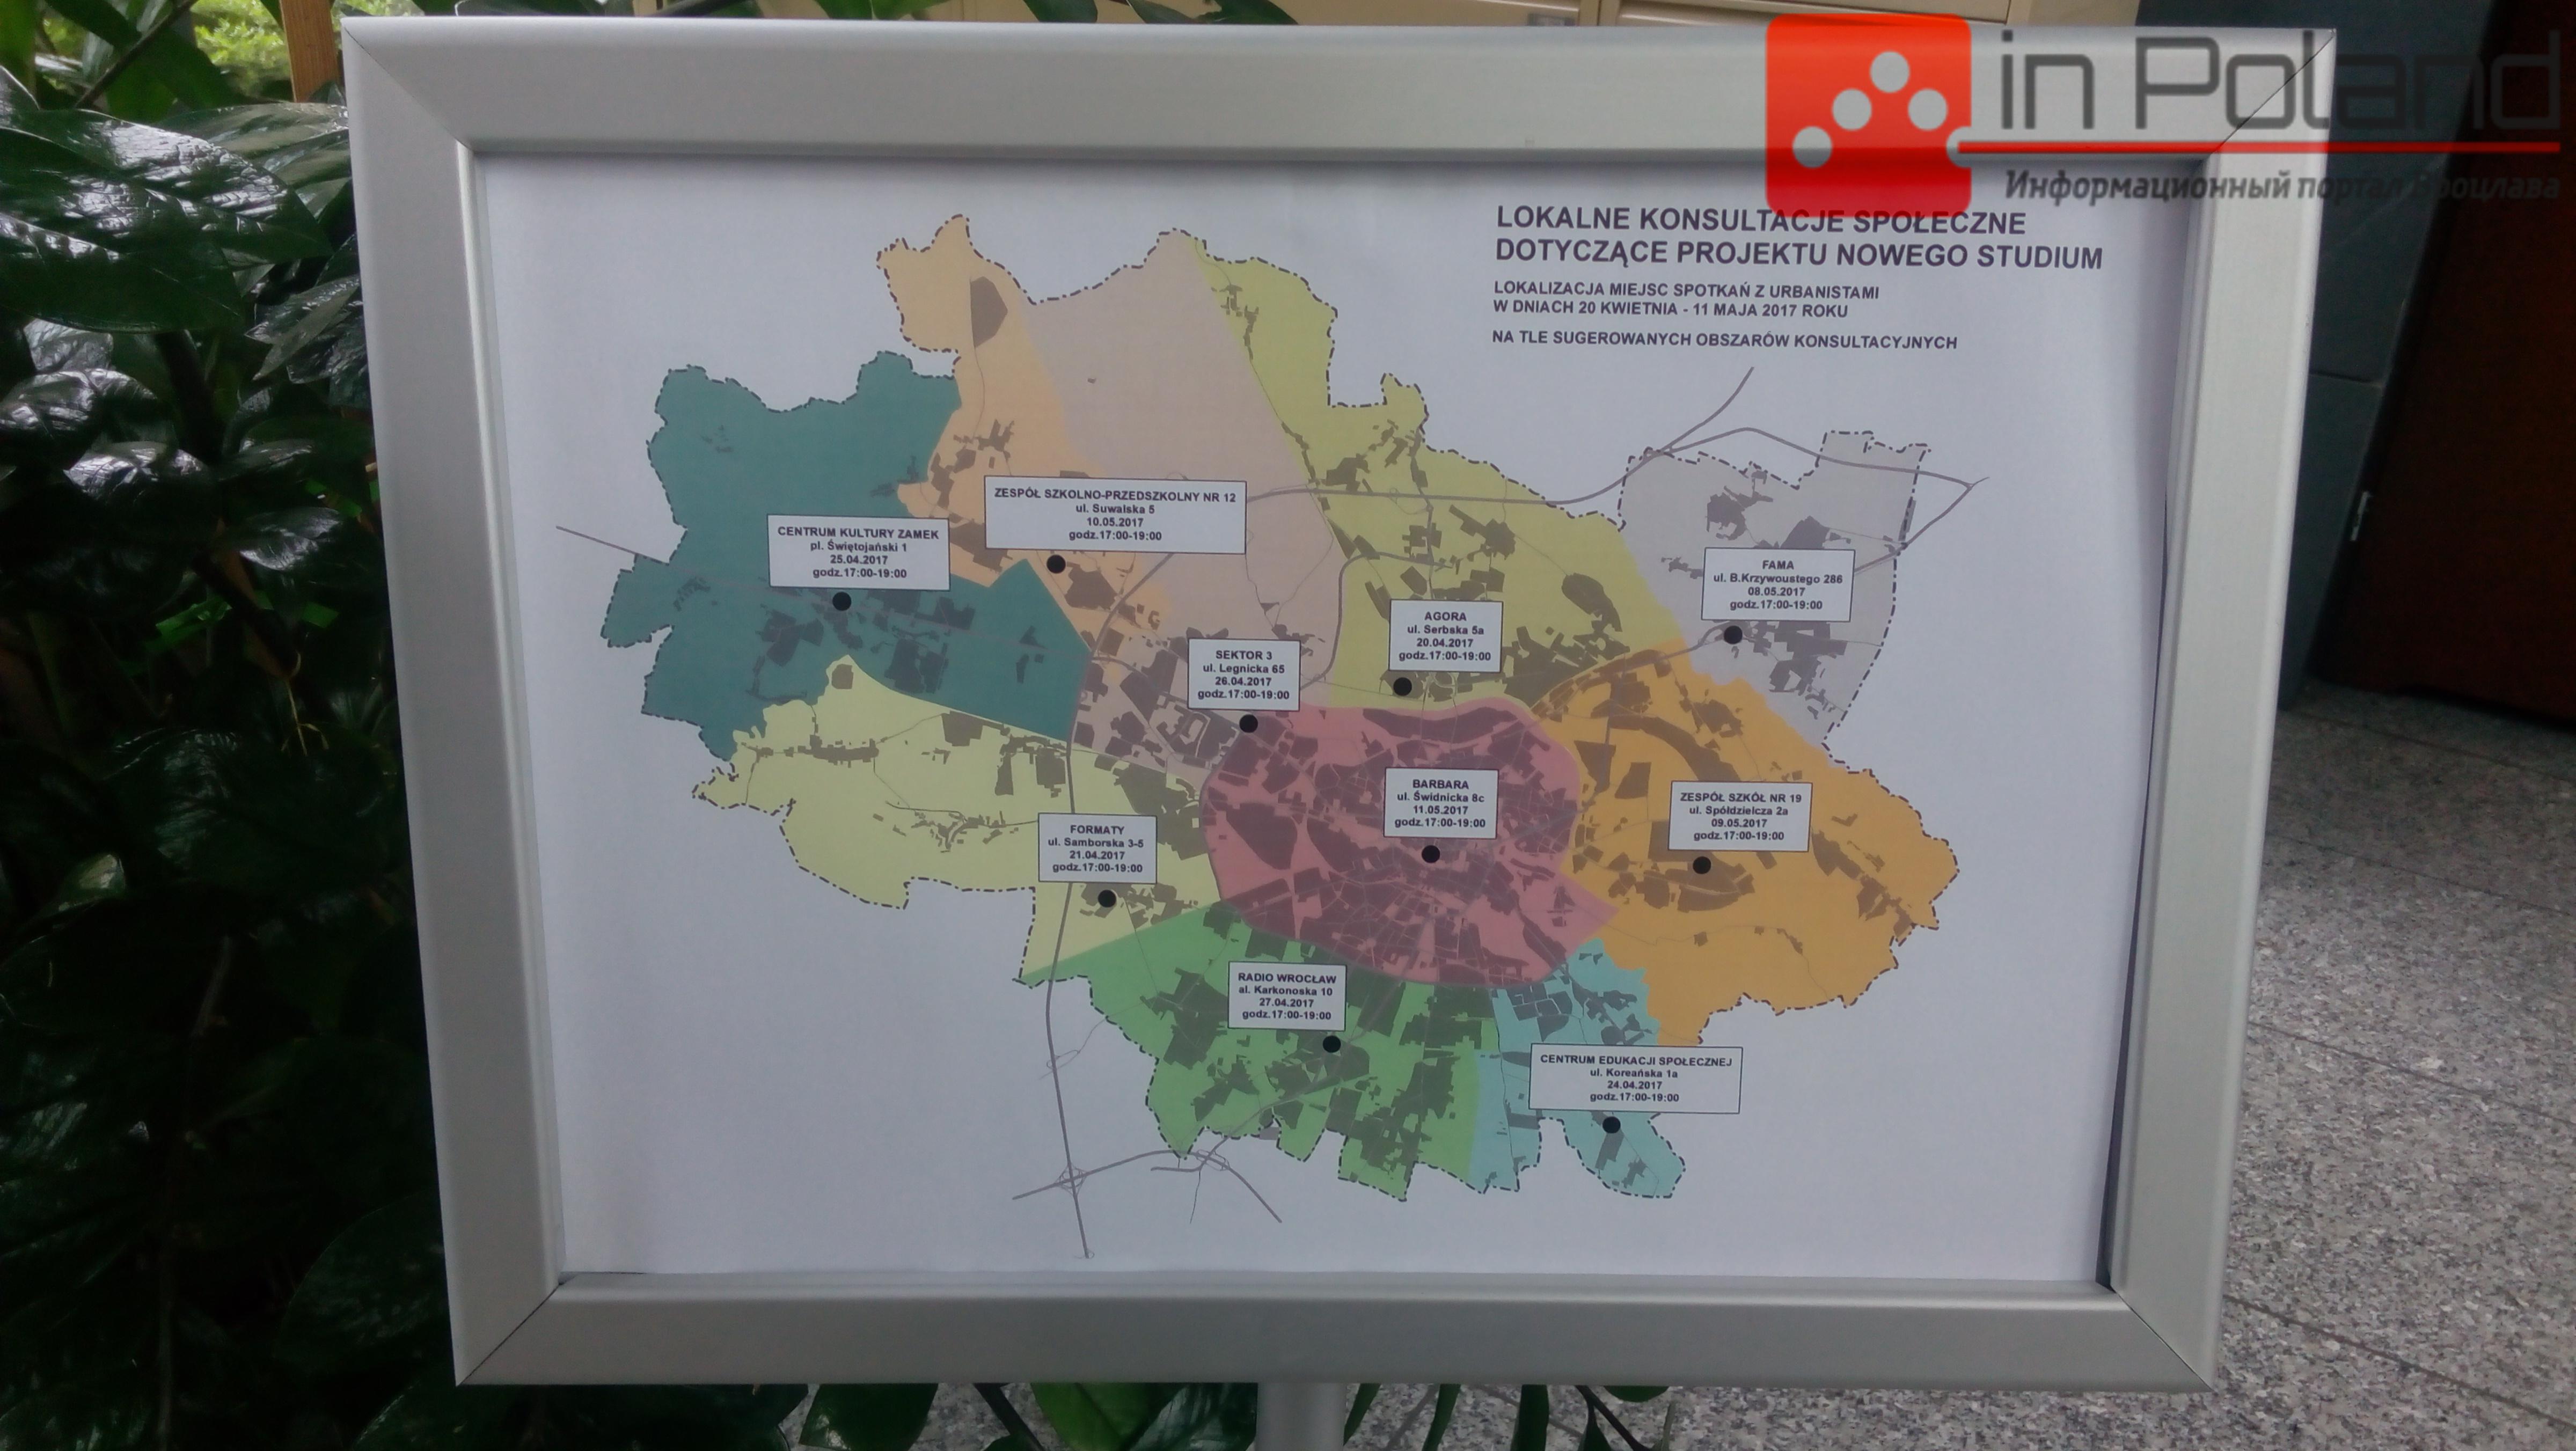 Бюро розвитку Вроцлава проведе консультації для місцевих жителів